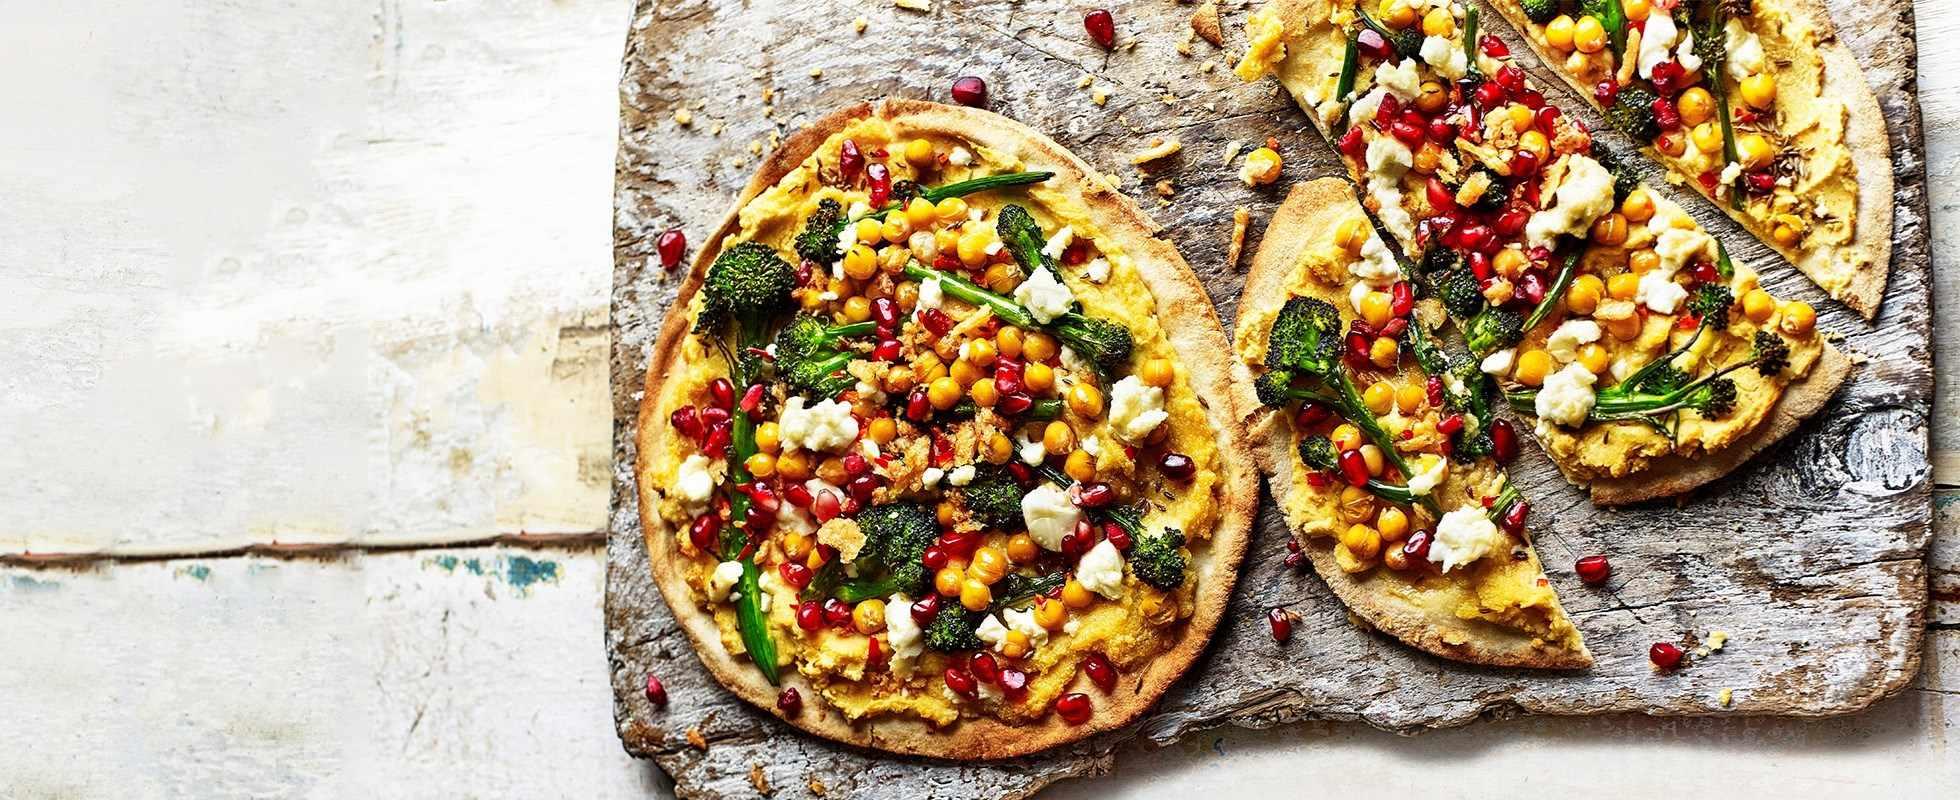 Roasted broccoli and feta flatbreads